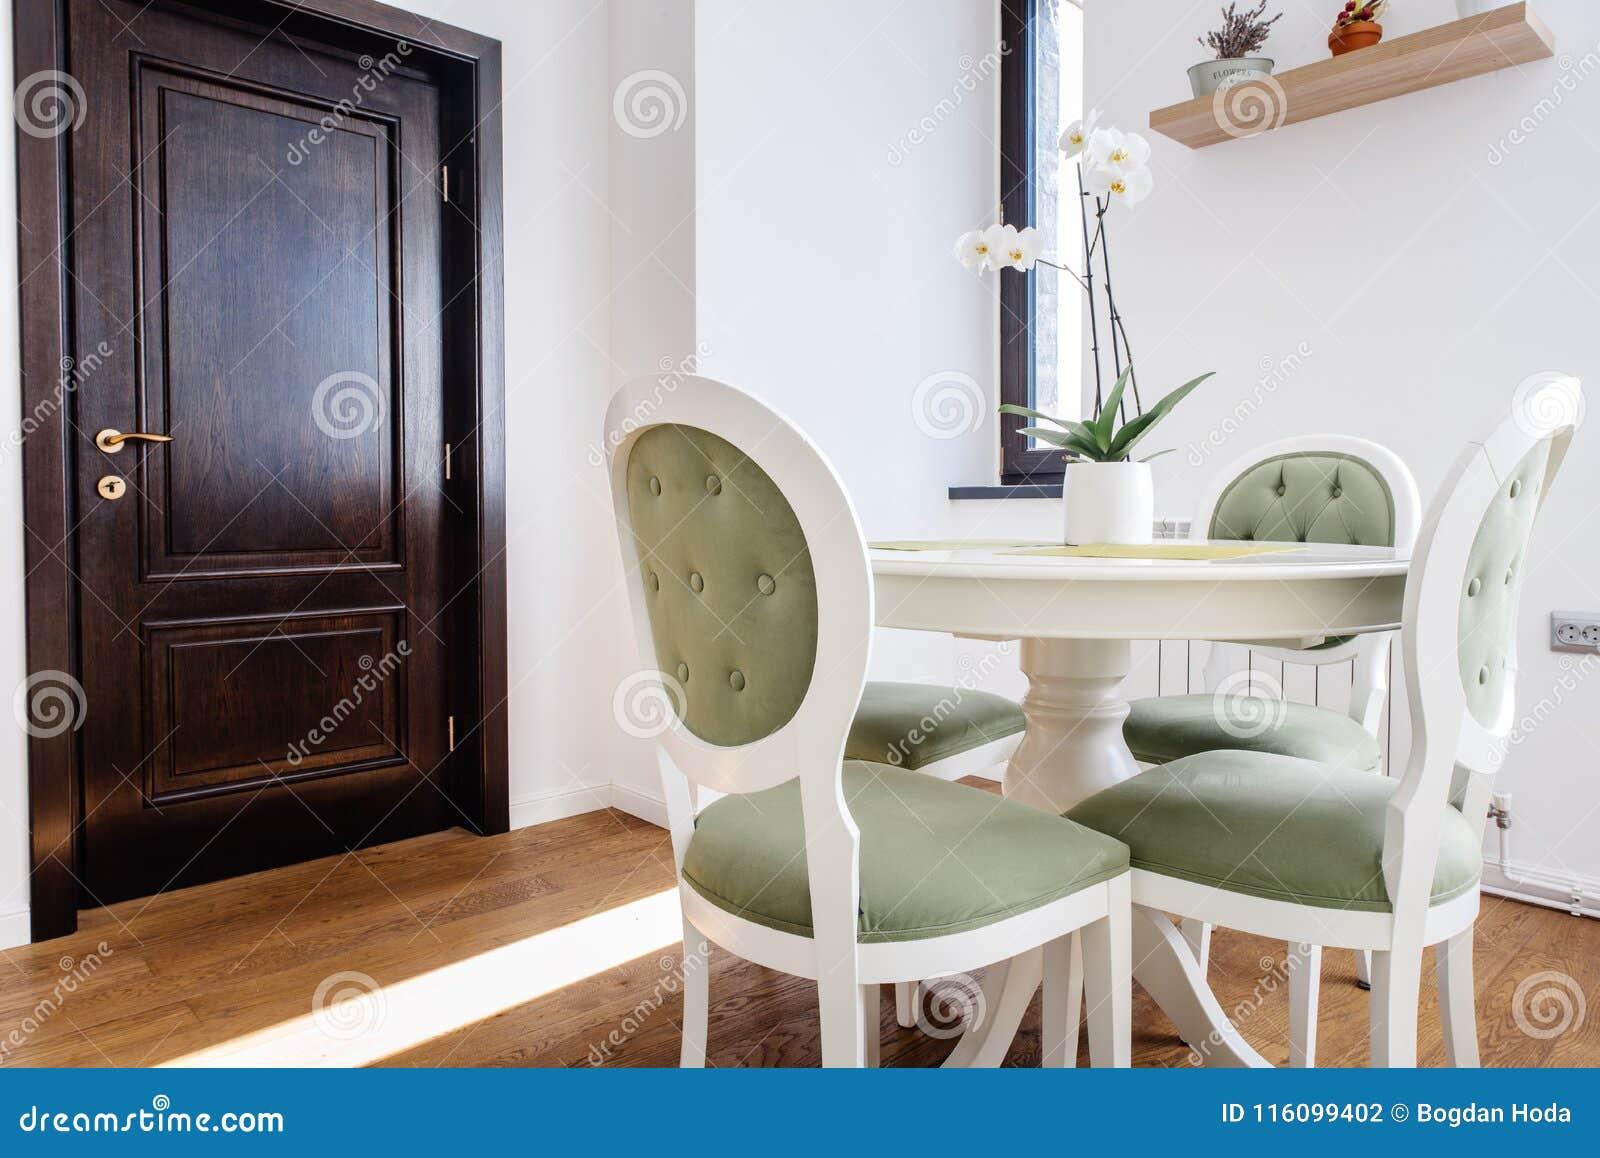 Detalles Del Diseño Interior - Muebles Modernos, Mesa De ...